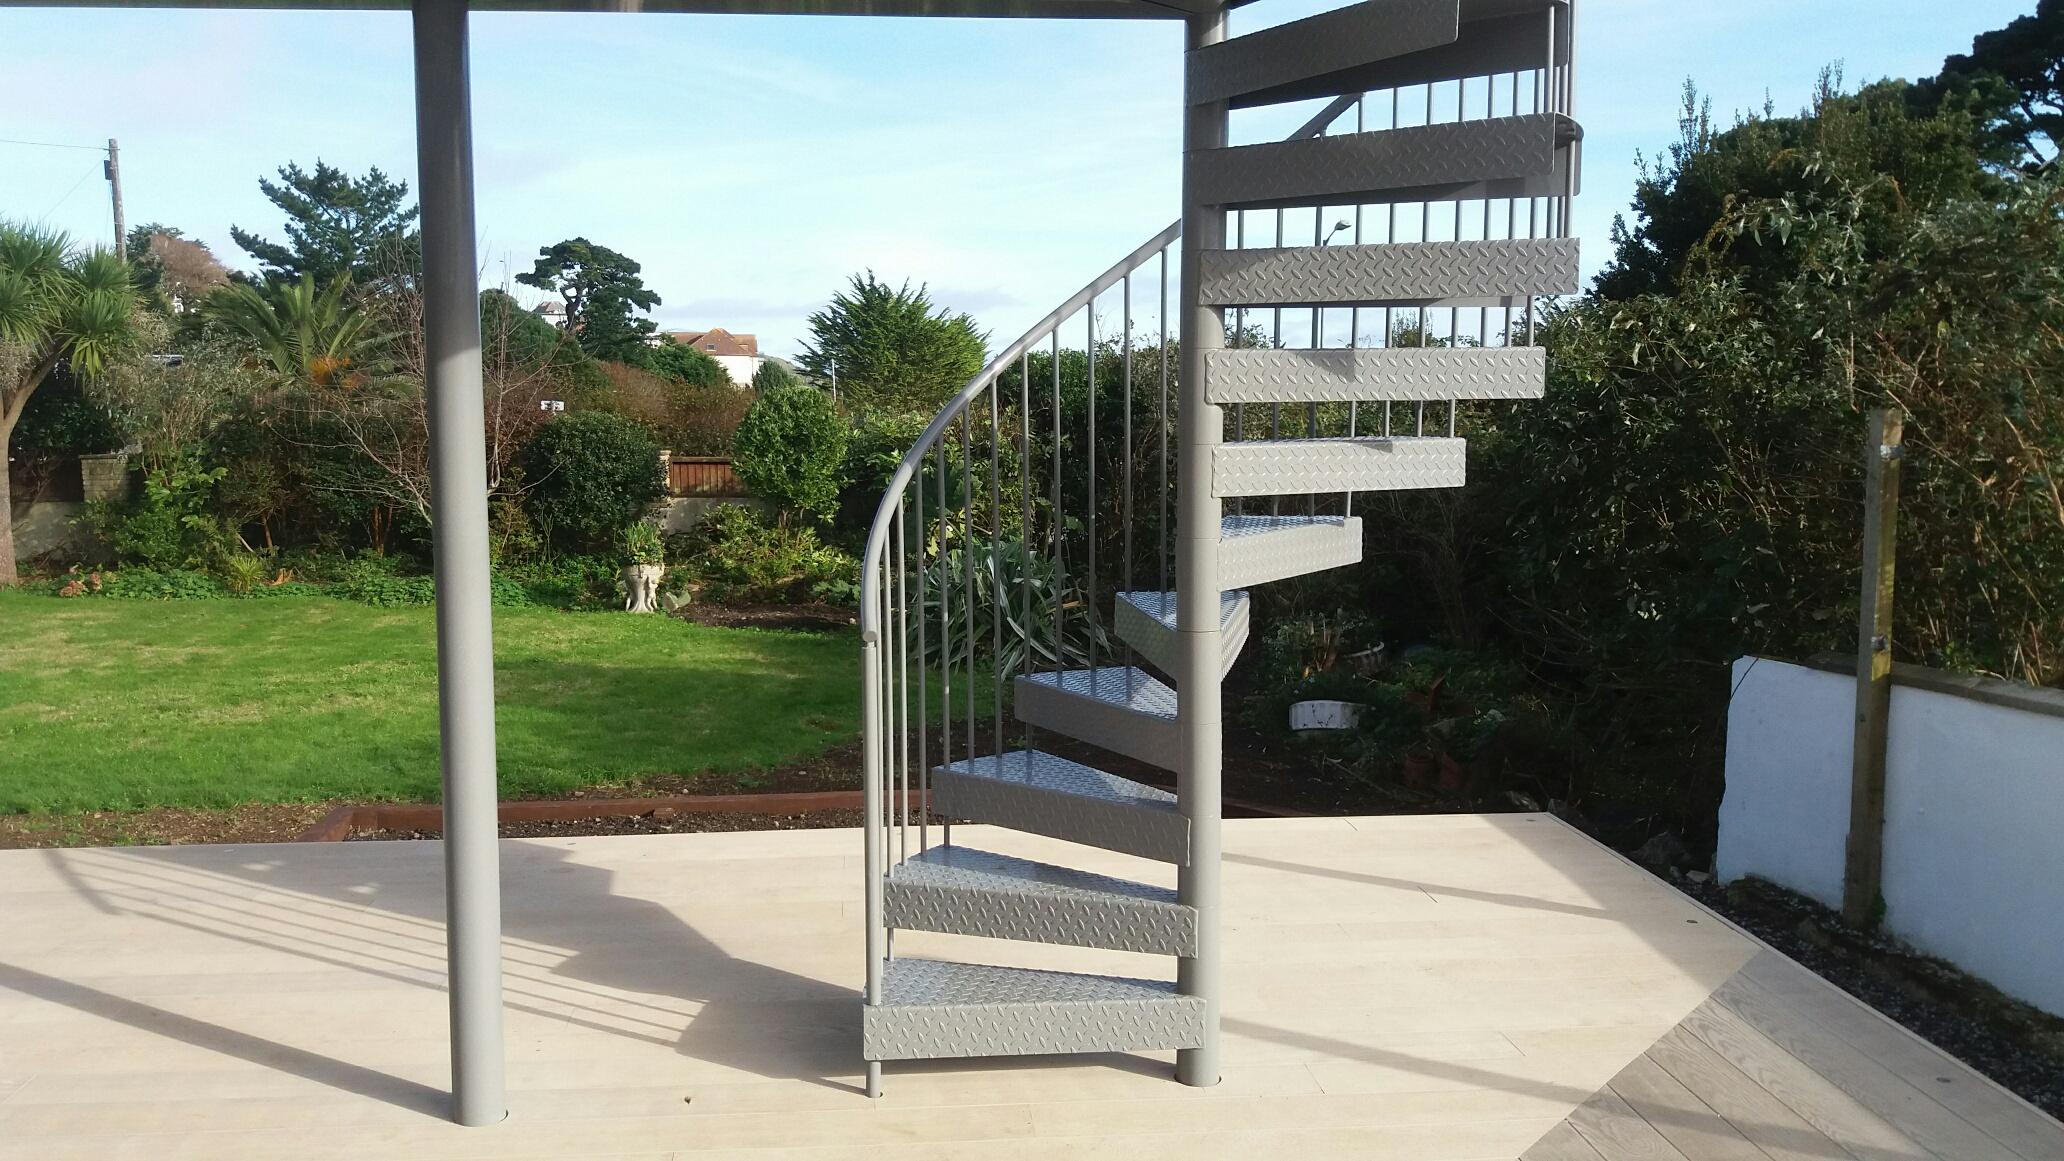 Spiral Staircase at Spernen Wyn